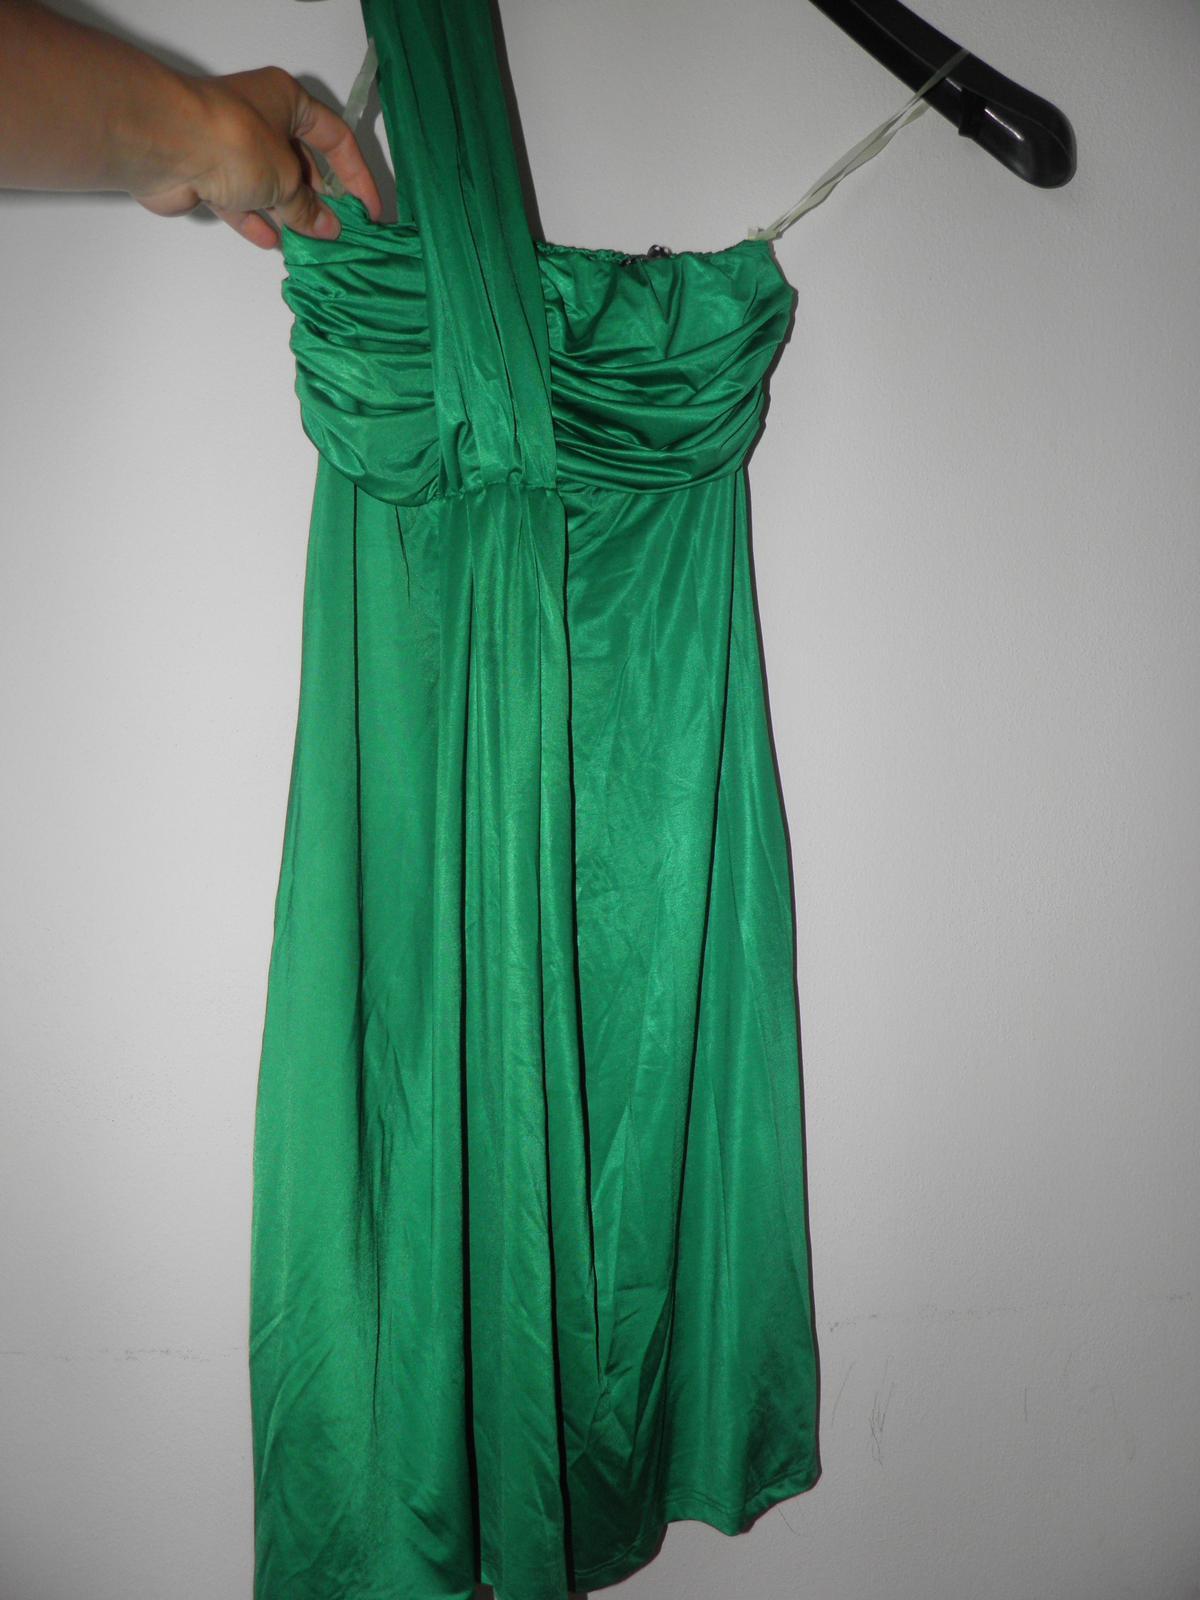 perfektné princeznovské šaty, nenosené - Obrázok č. 2